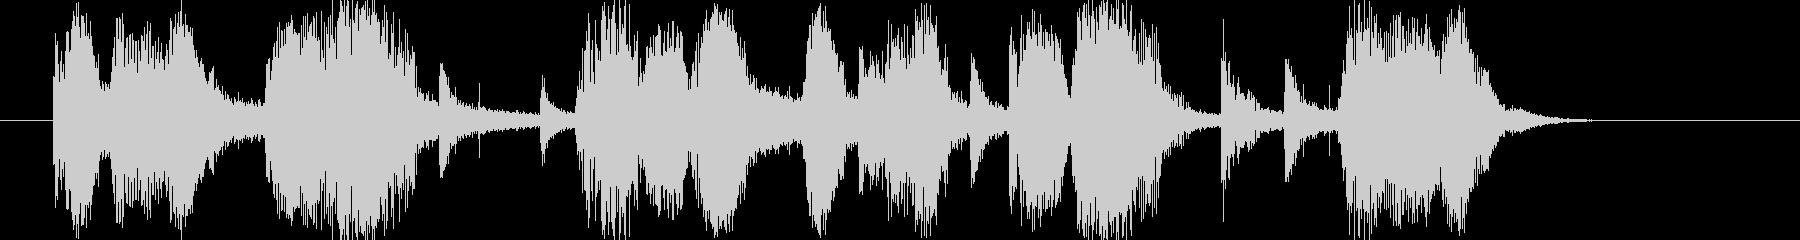 ヴィンテージ・オールド・ジャズなジングルの未再生の波形